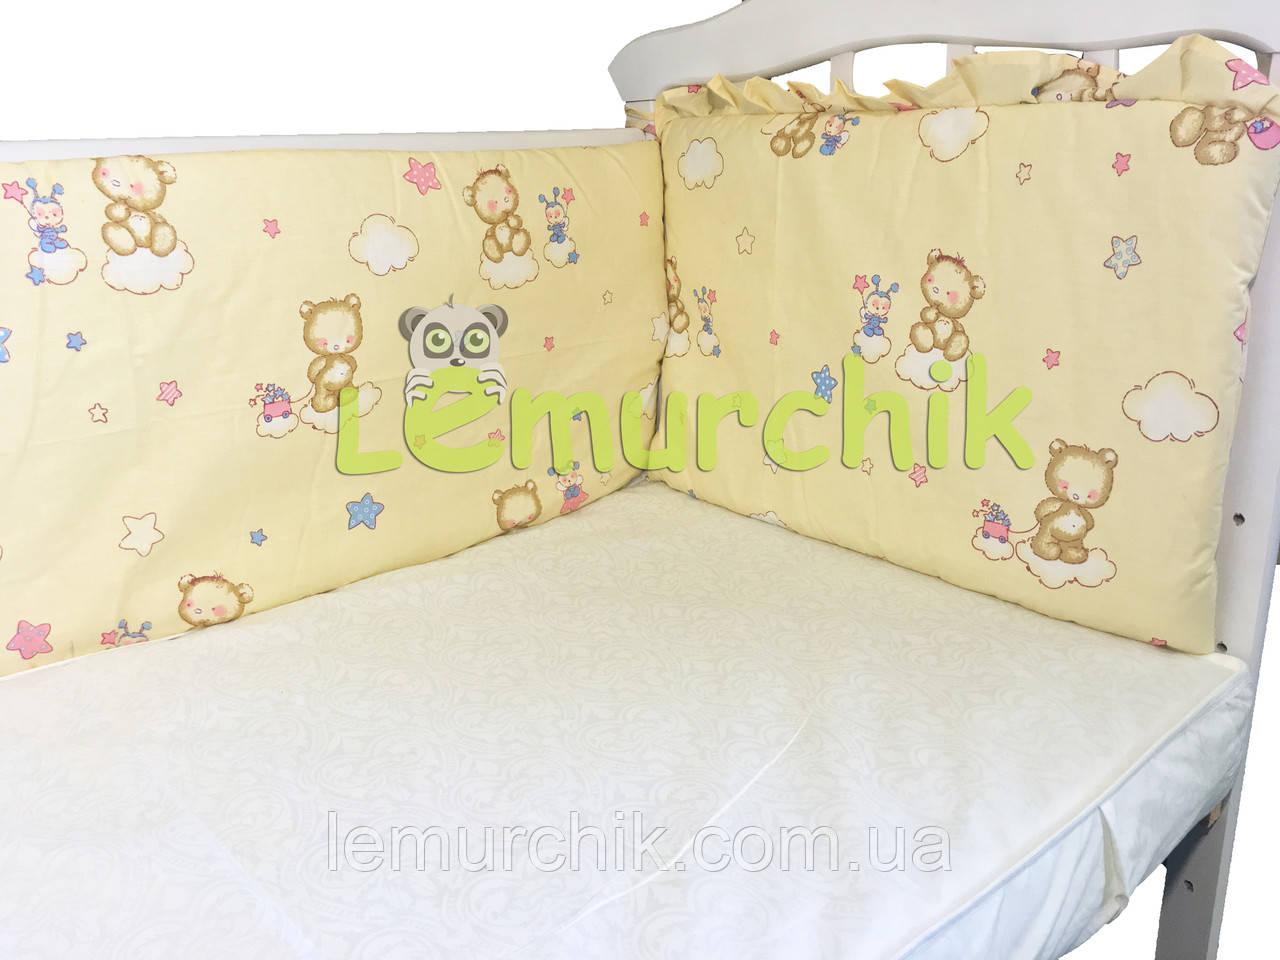 """Захист для дитячого ліжечка 120х60 см, """"Ведмедики на хмарі"""" бежева"""